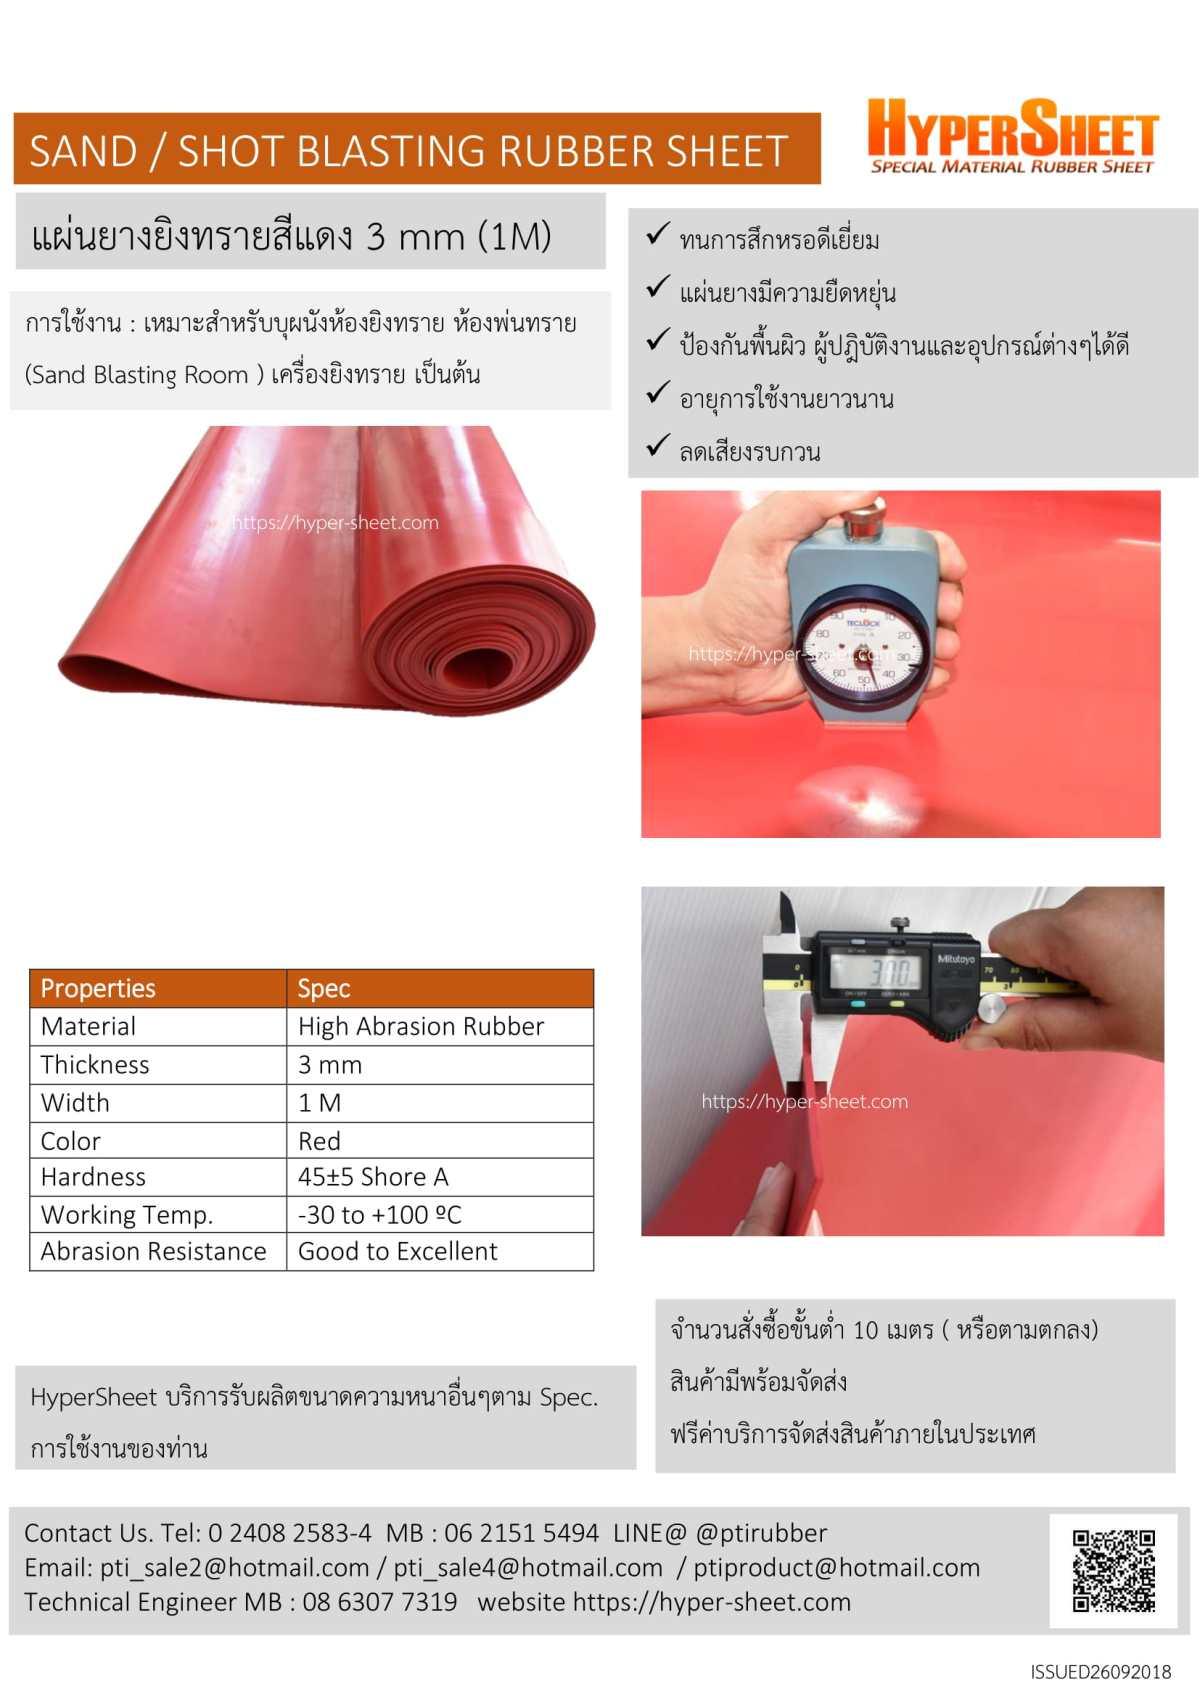 แผ่นยางยิงทรายสีแดง 3 mm width 1 M-1